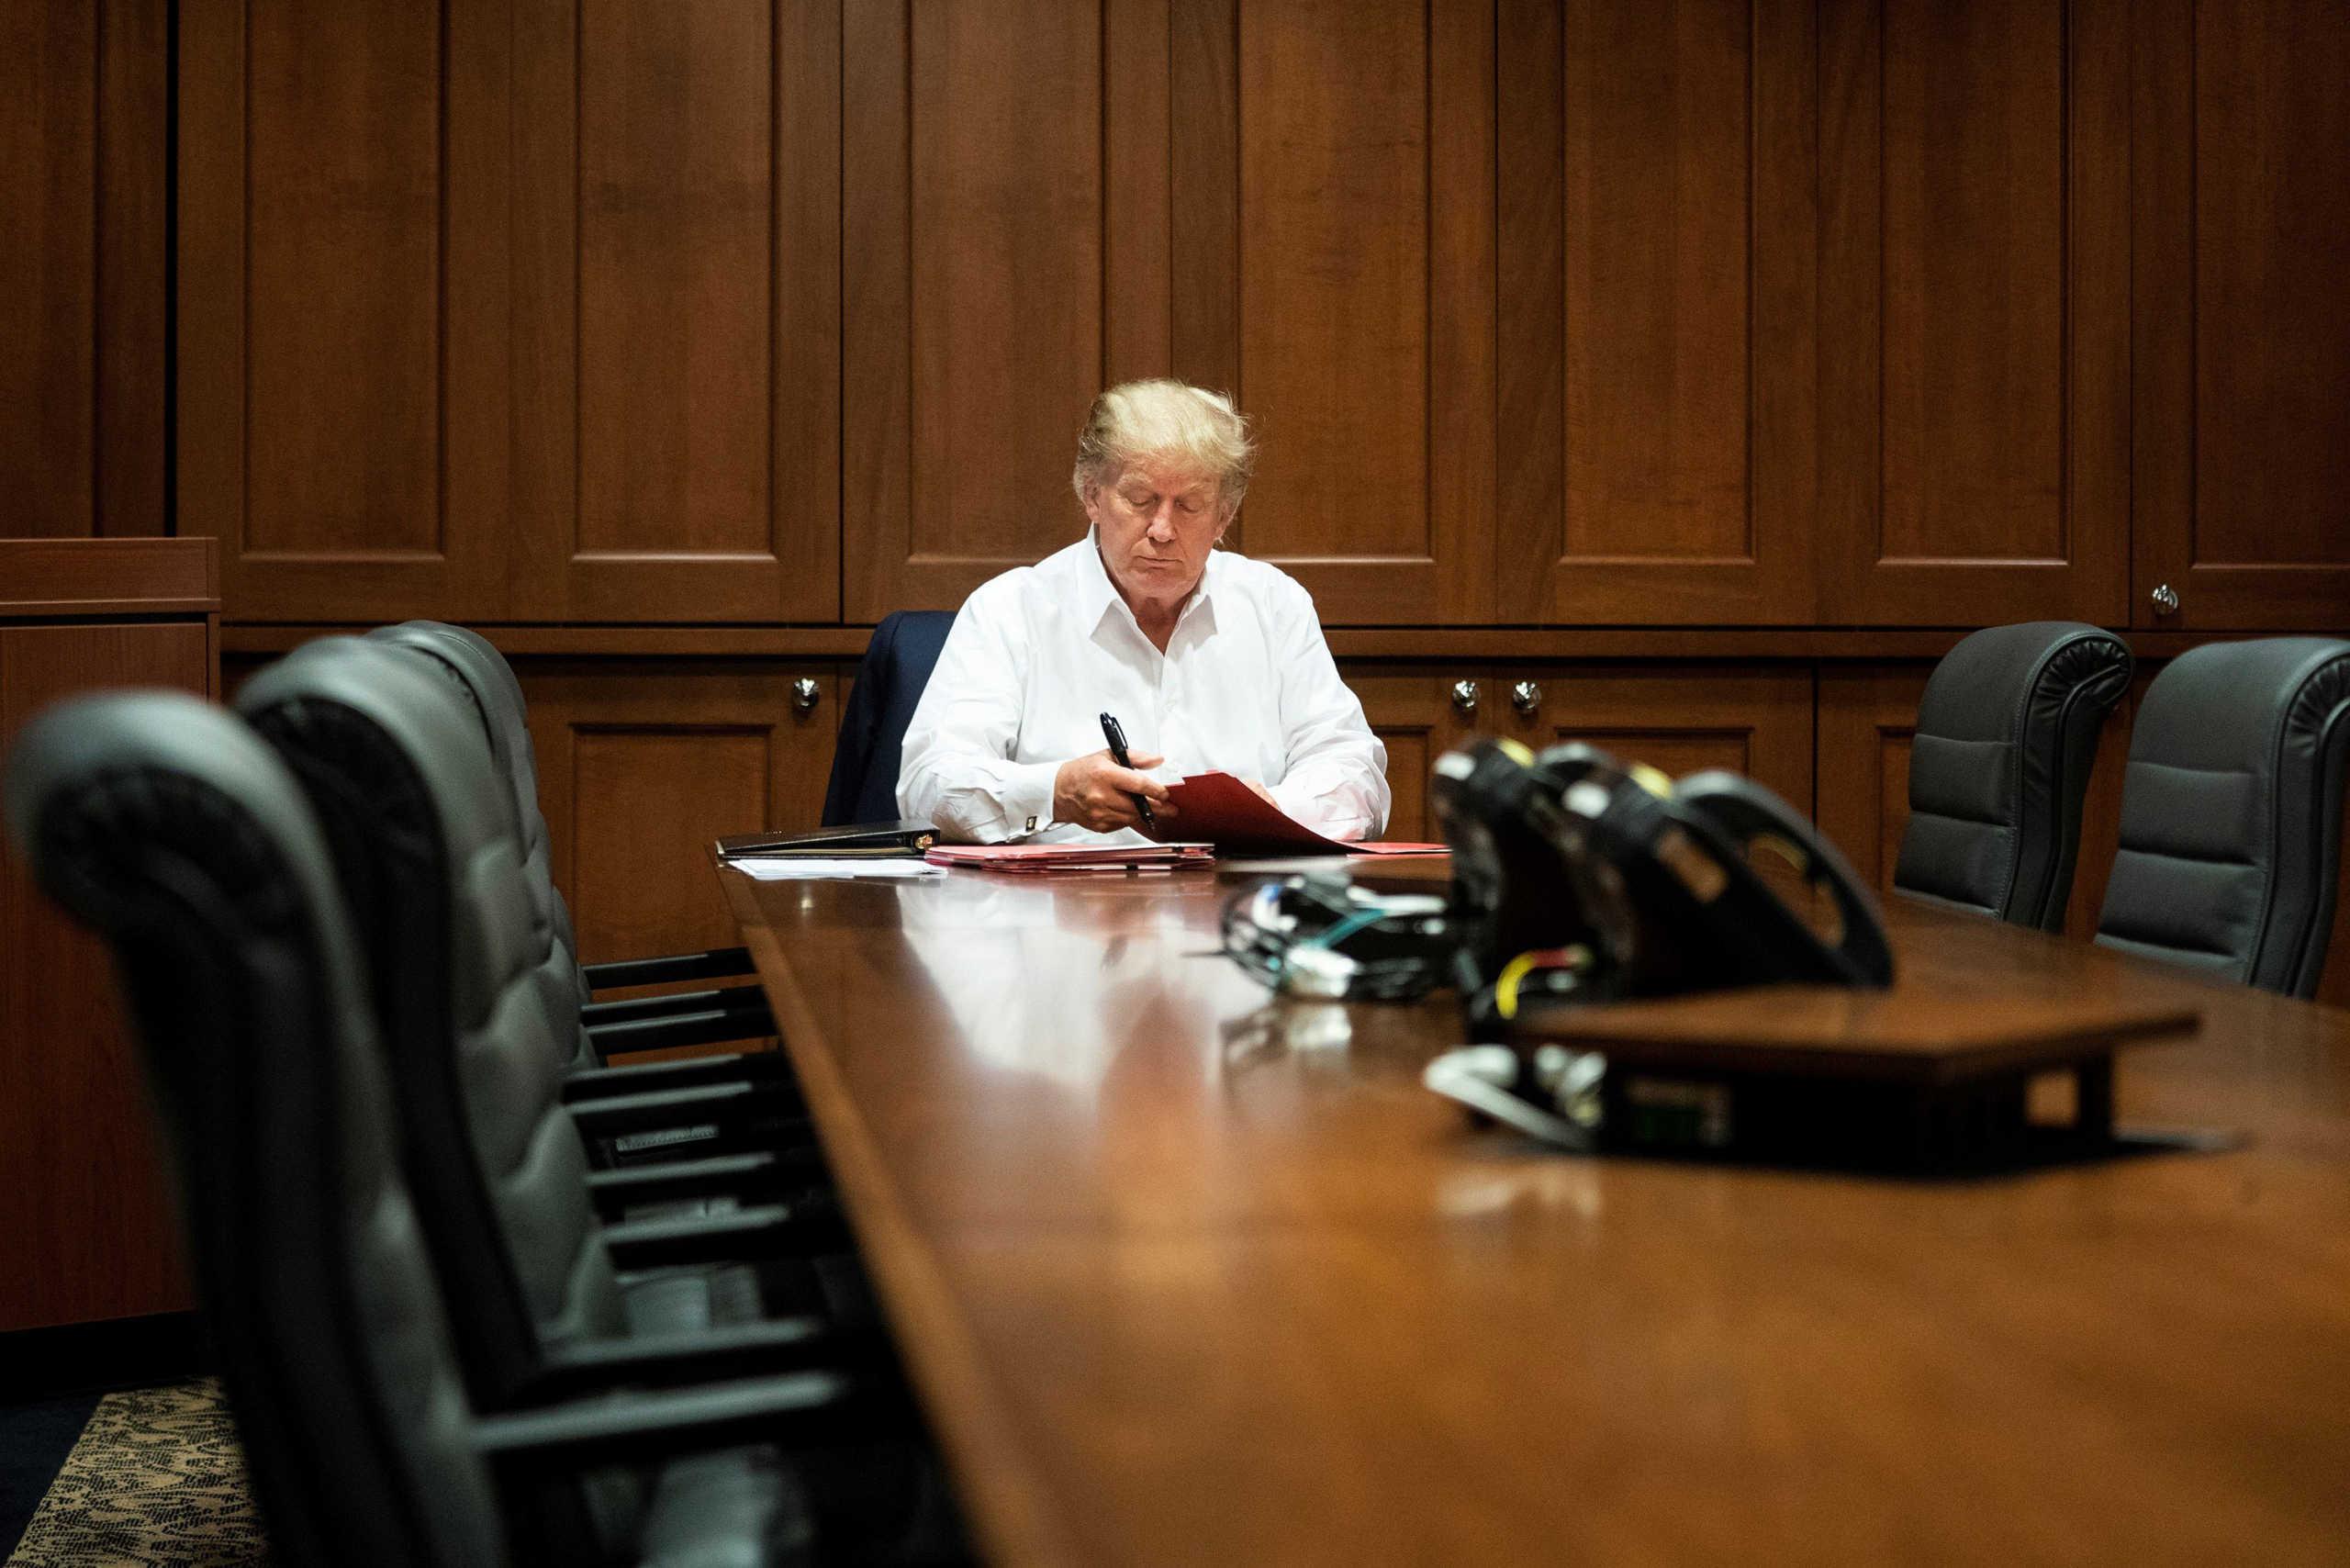 Γιατρός Τραμπ: «Ο Πρόεδρος δεν έχει διαφύγει τον κίνδυνο» – Ποια φάρμακα του χορηγούνται